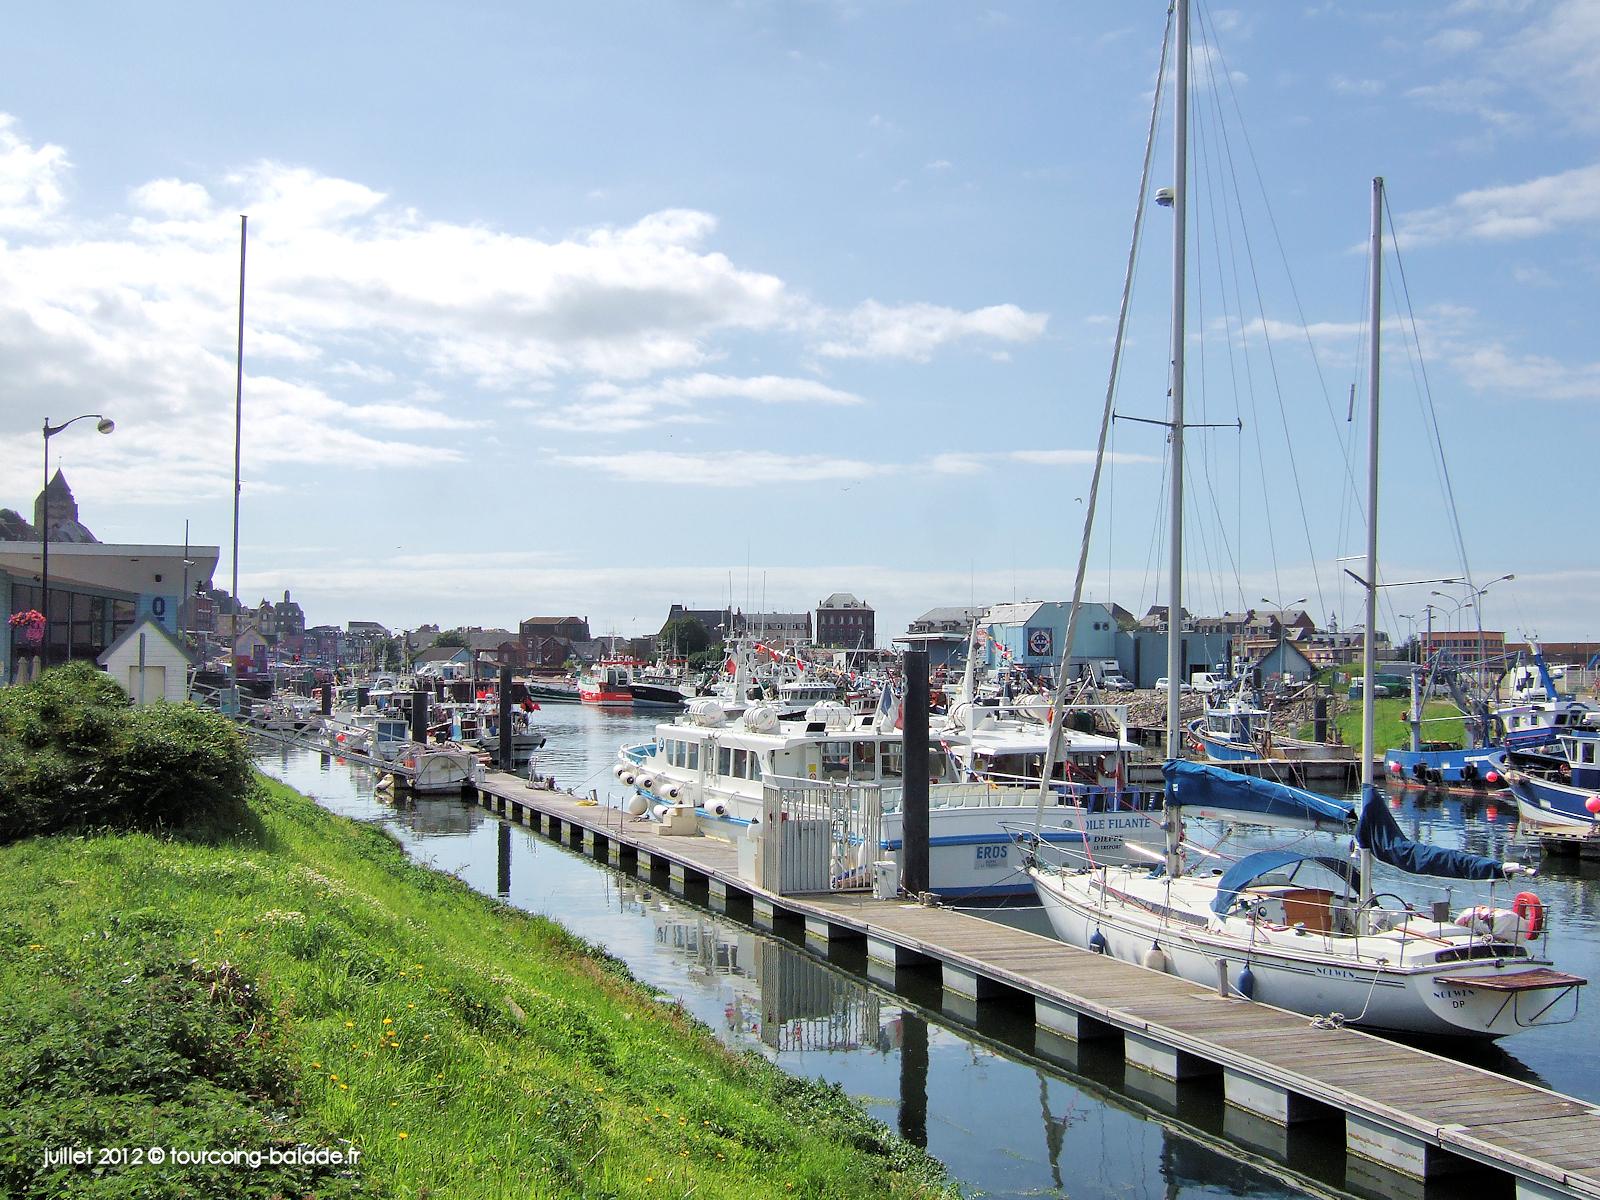 Le Tréport, port de plaisance, quai de la Retenue - 2012